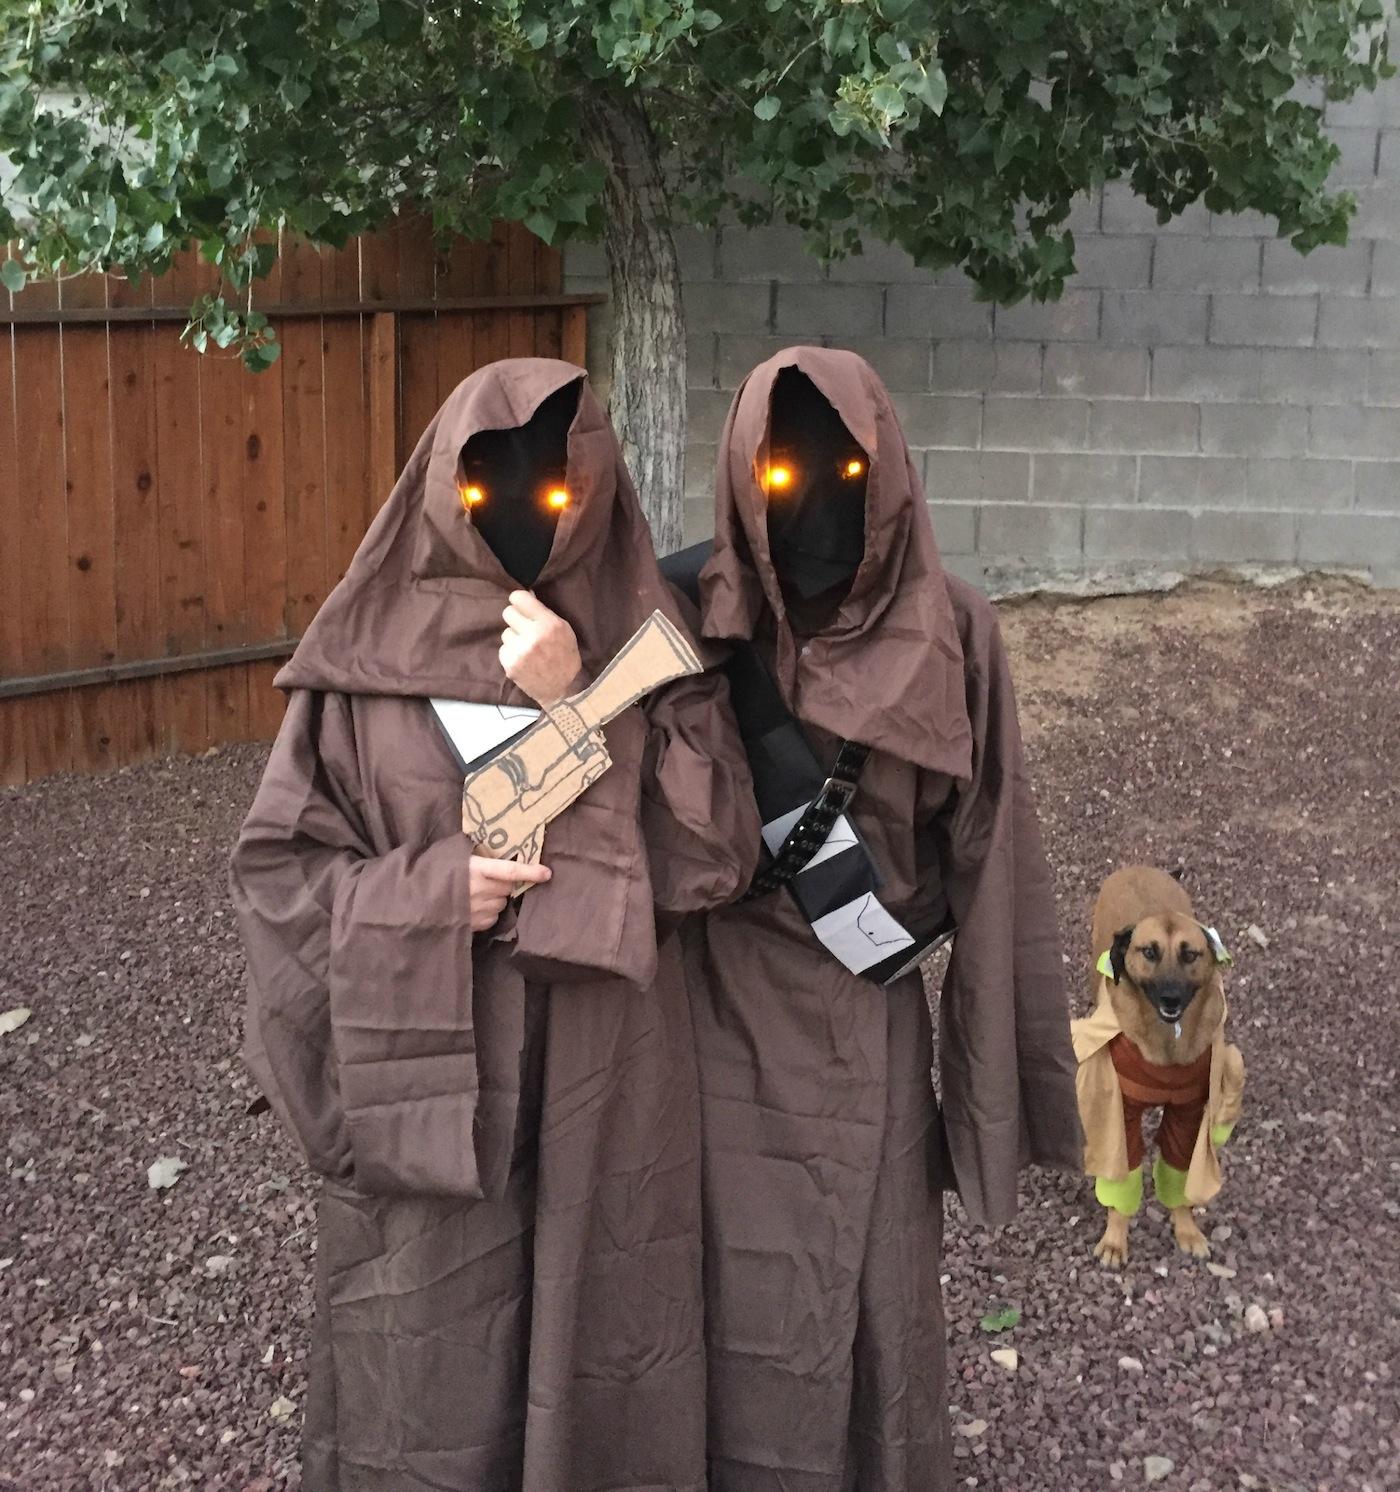 DIY jawa costumes